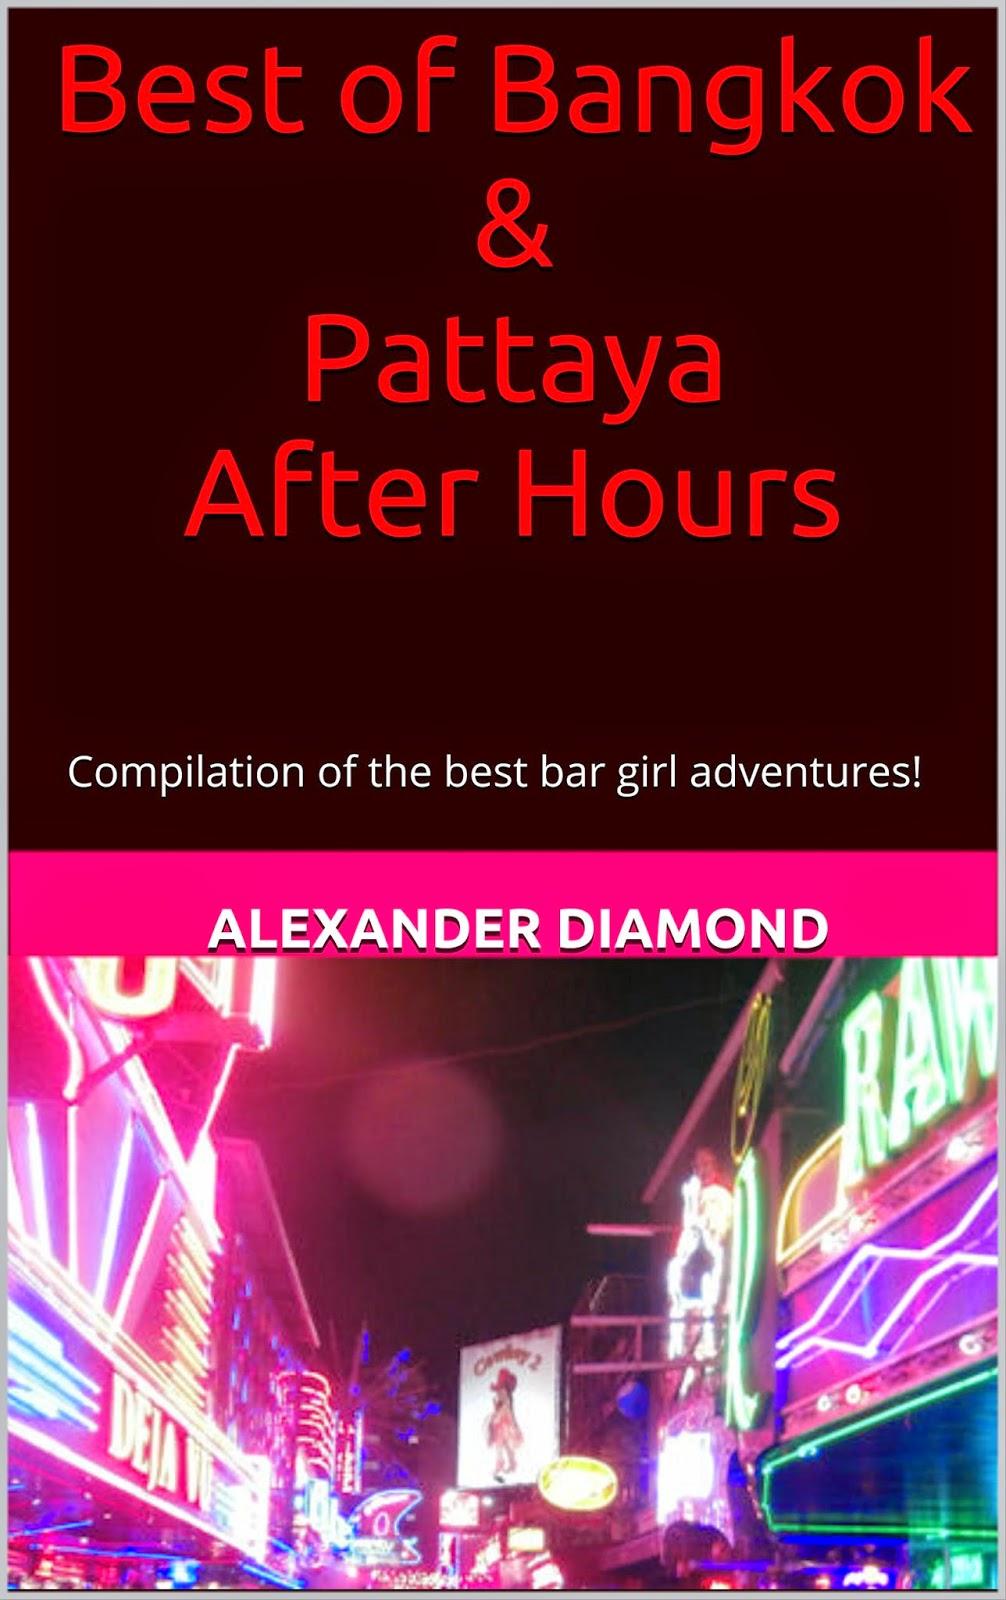 http://www.amazon.com/Best-Bangkok-Pattaya-After-Hours-ebook/dp/B00M68SZHO/ref=sr_1_1?s=digital-text&ie=UTF8&qid=1406498661&sr=1-1&keywords=best+of+bangkok+%26+Pattaya+after+hours